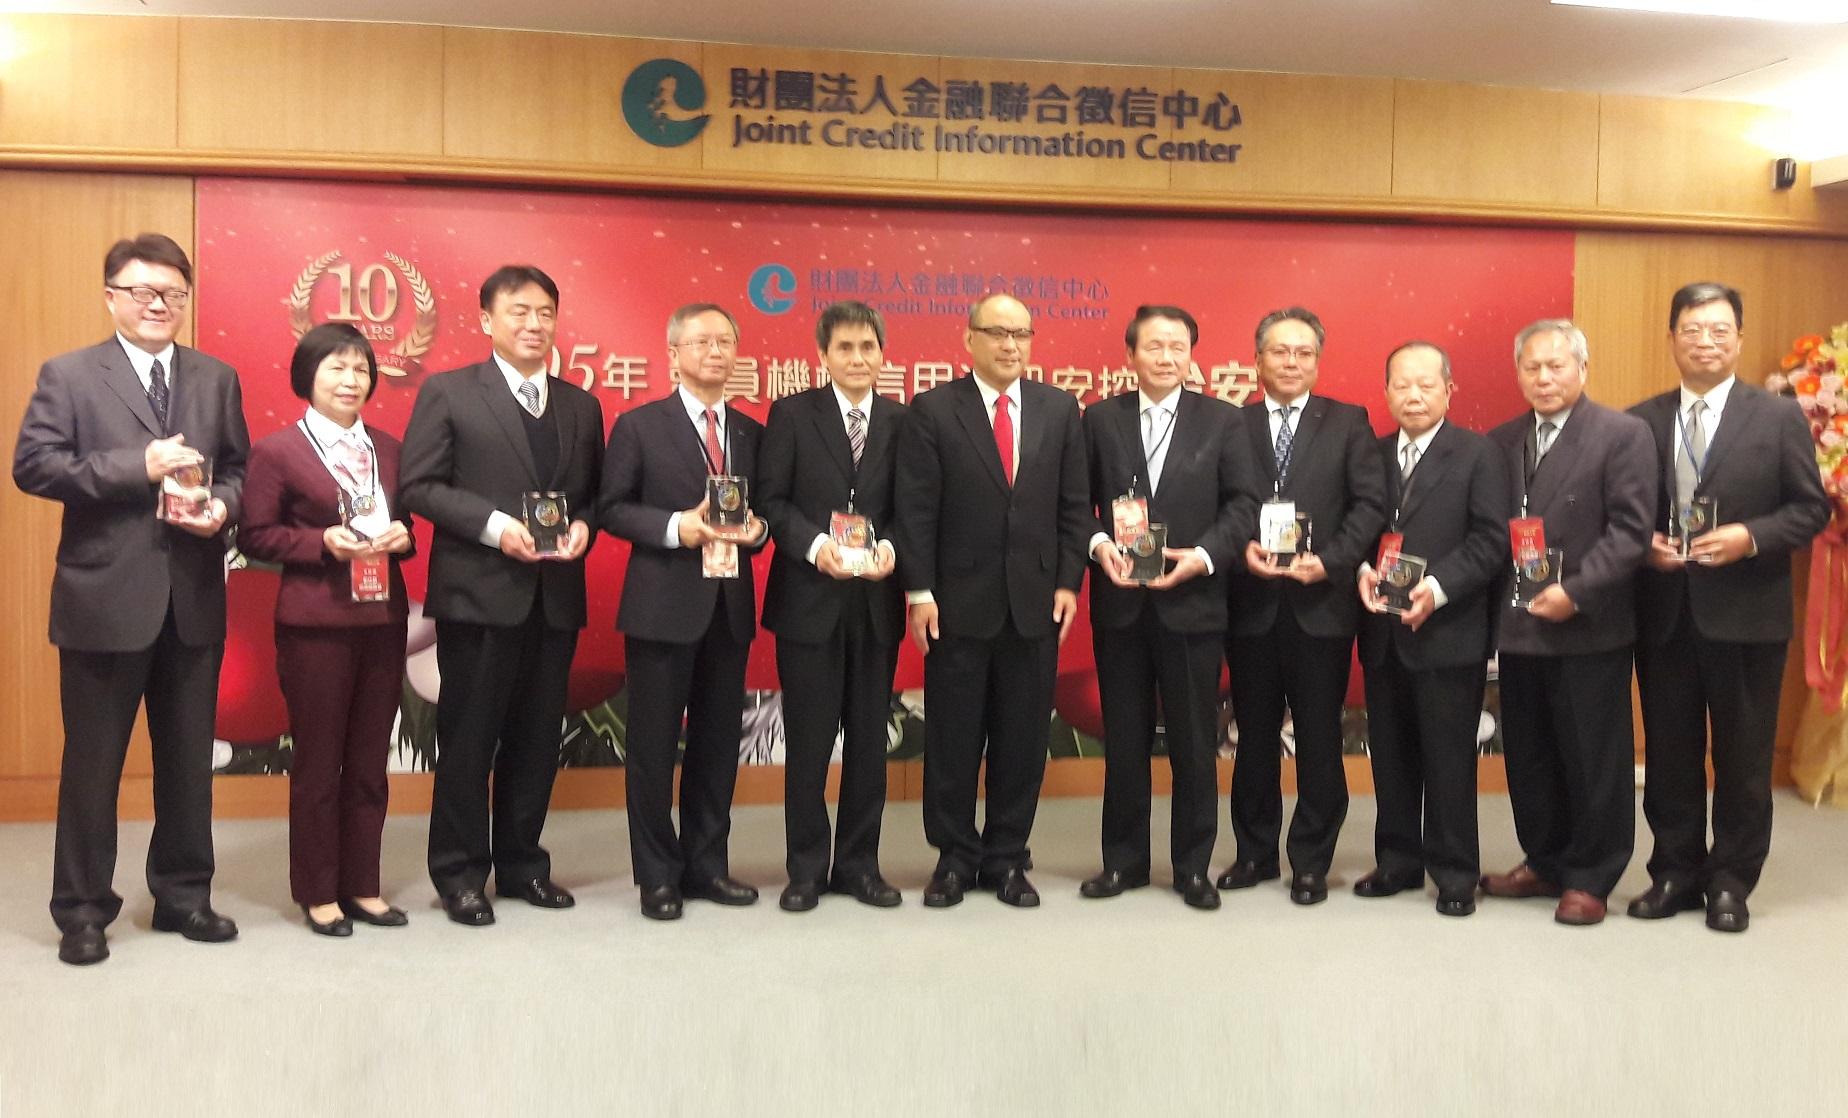 聯徵中心表揚國內金融機構 推升金融授信業務徵審品質